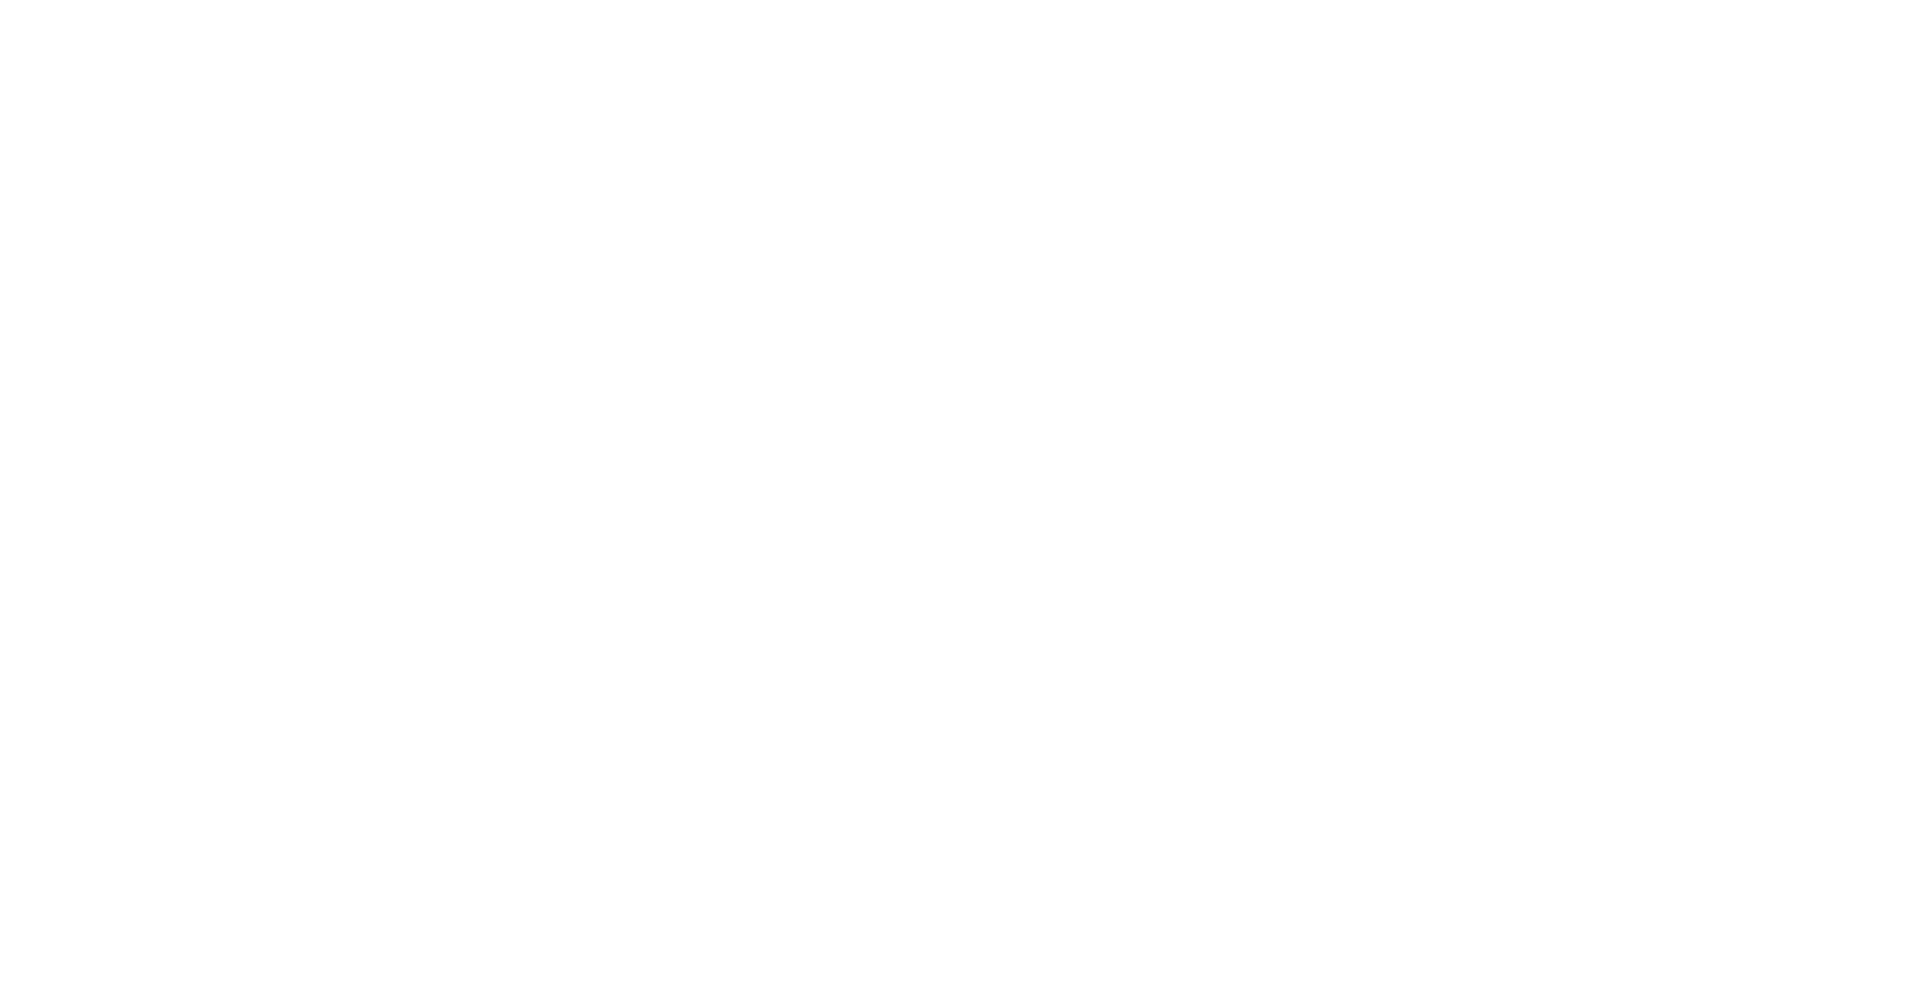 Λογισμικό οργάνωσης για καταστήματα λιανικής